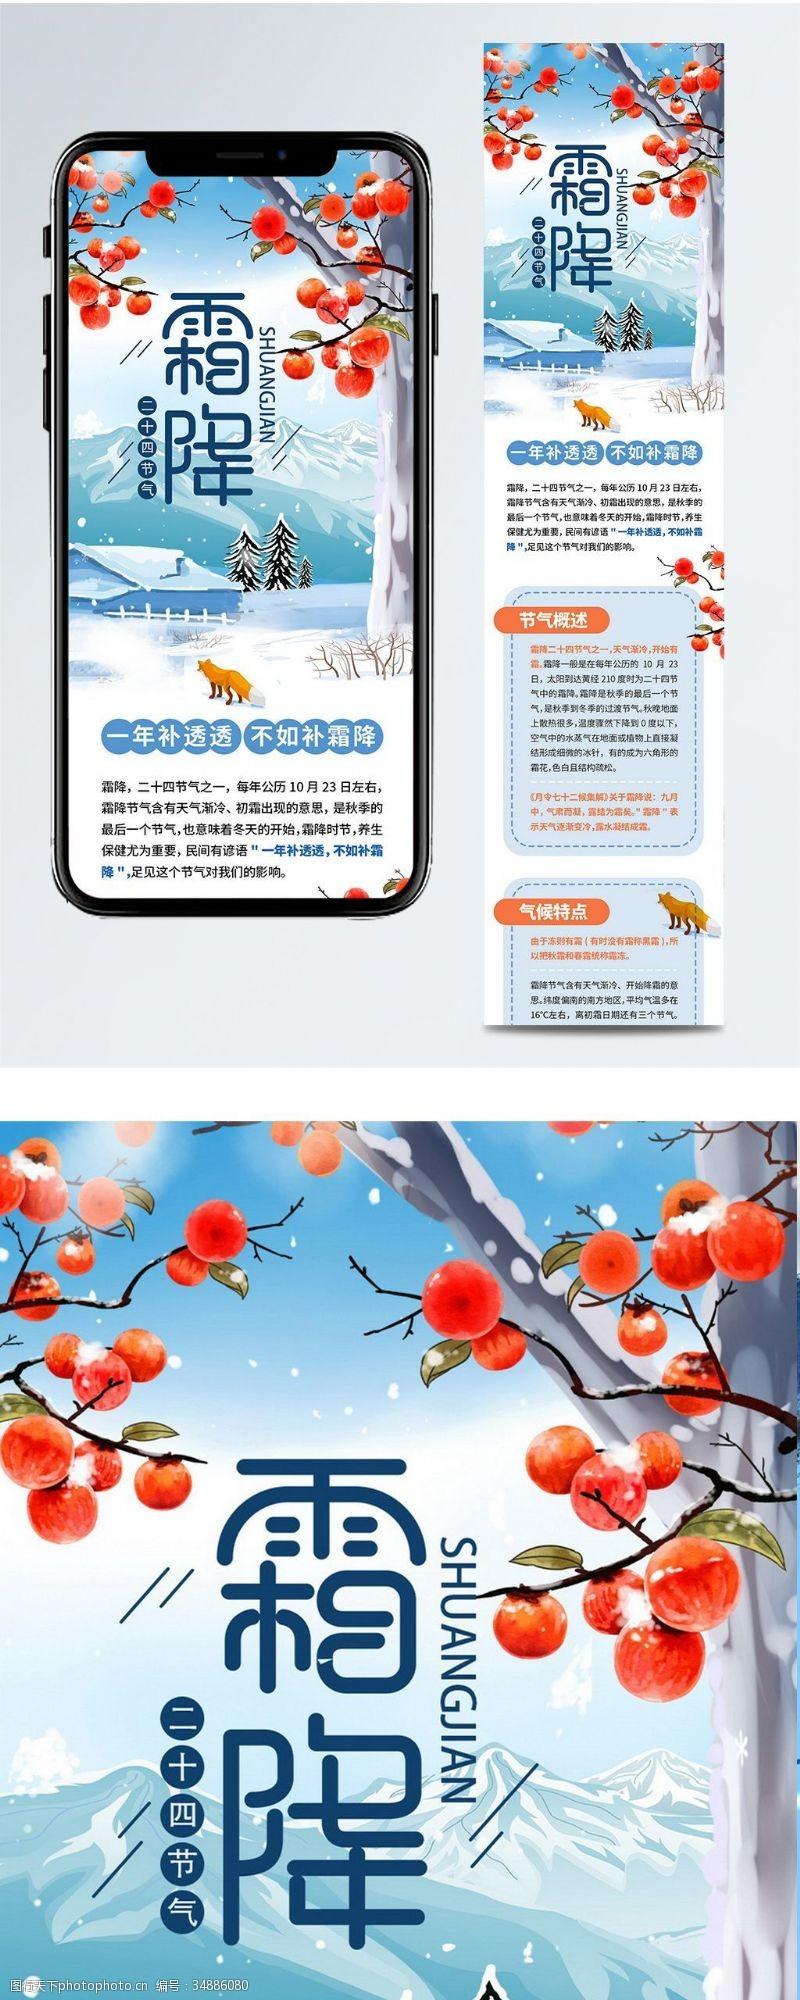 手机微信配图二十四节气霜降雪山背景信息海报